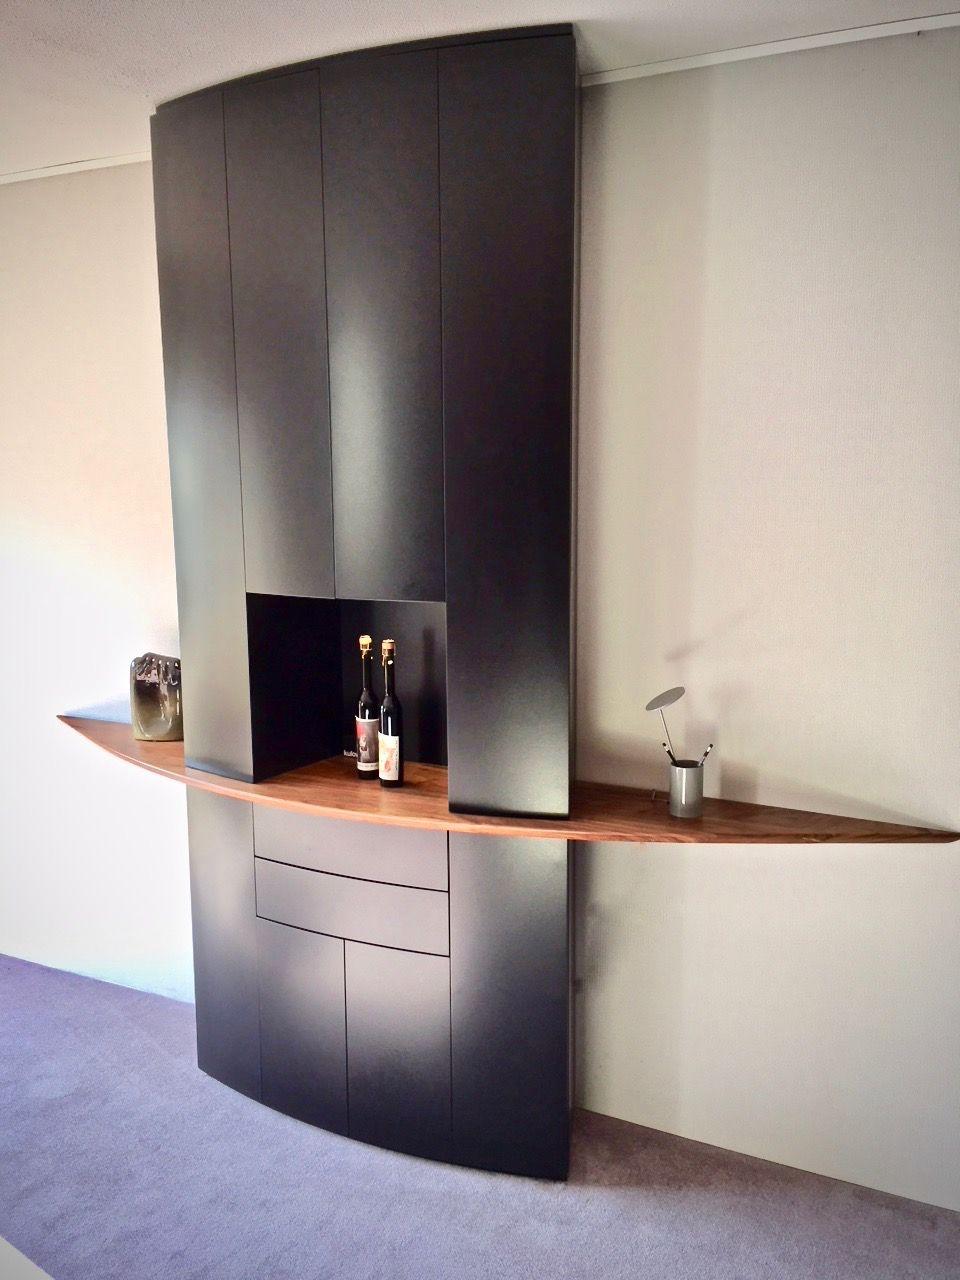 bar en of servieskast van vloer tot plafond met open vak inkl dimbare ledverlichting